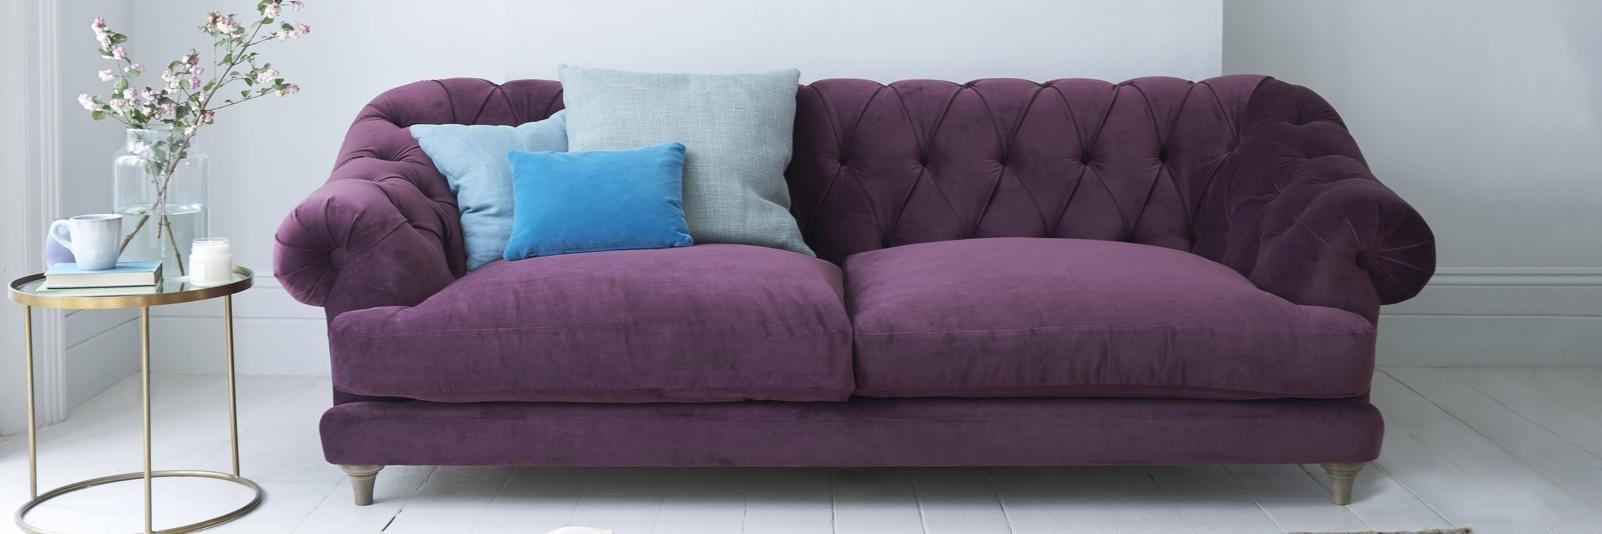 Purple Velvet Sofas | Made In Blighty | Loaf With Velvet Purple Sofas (View 19 of 20)